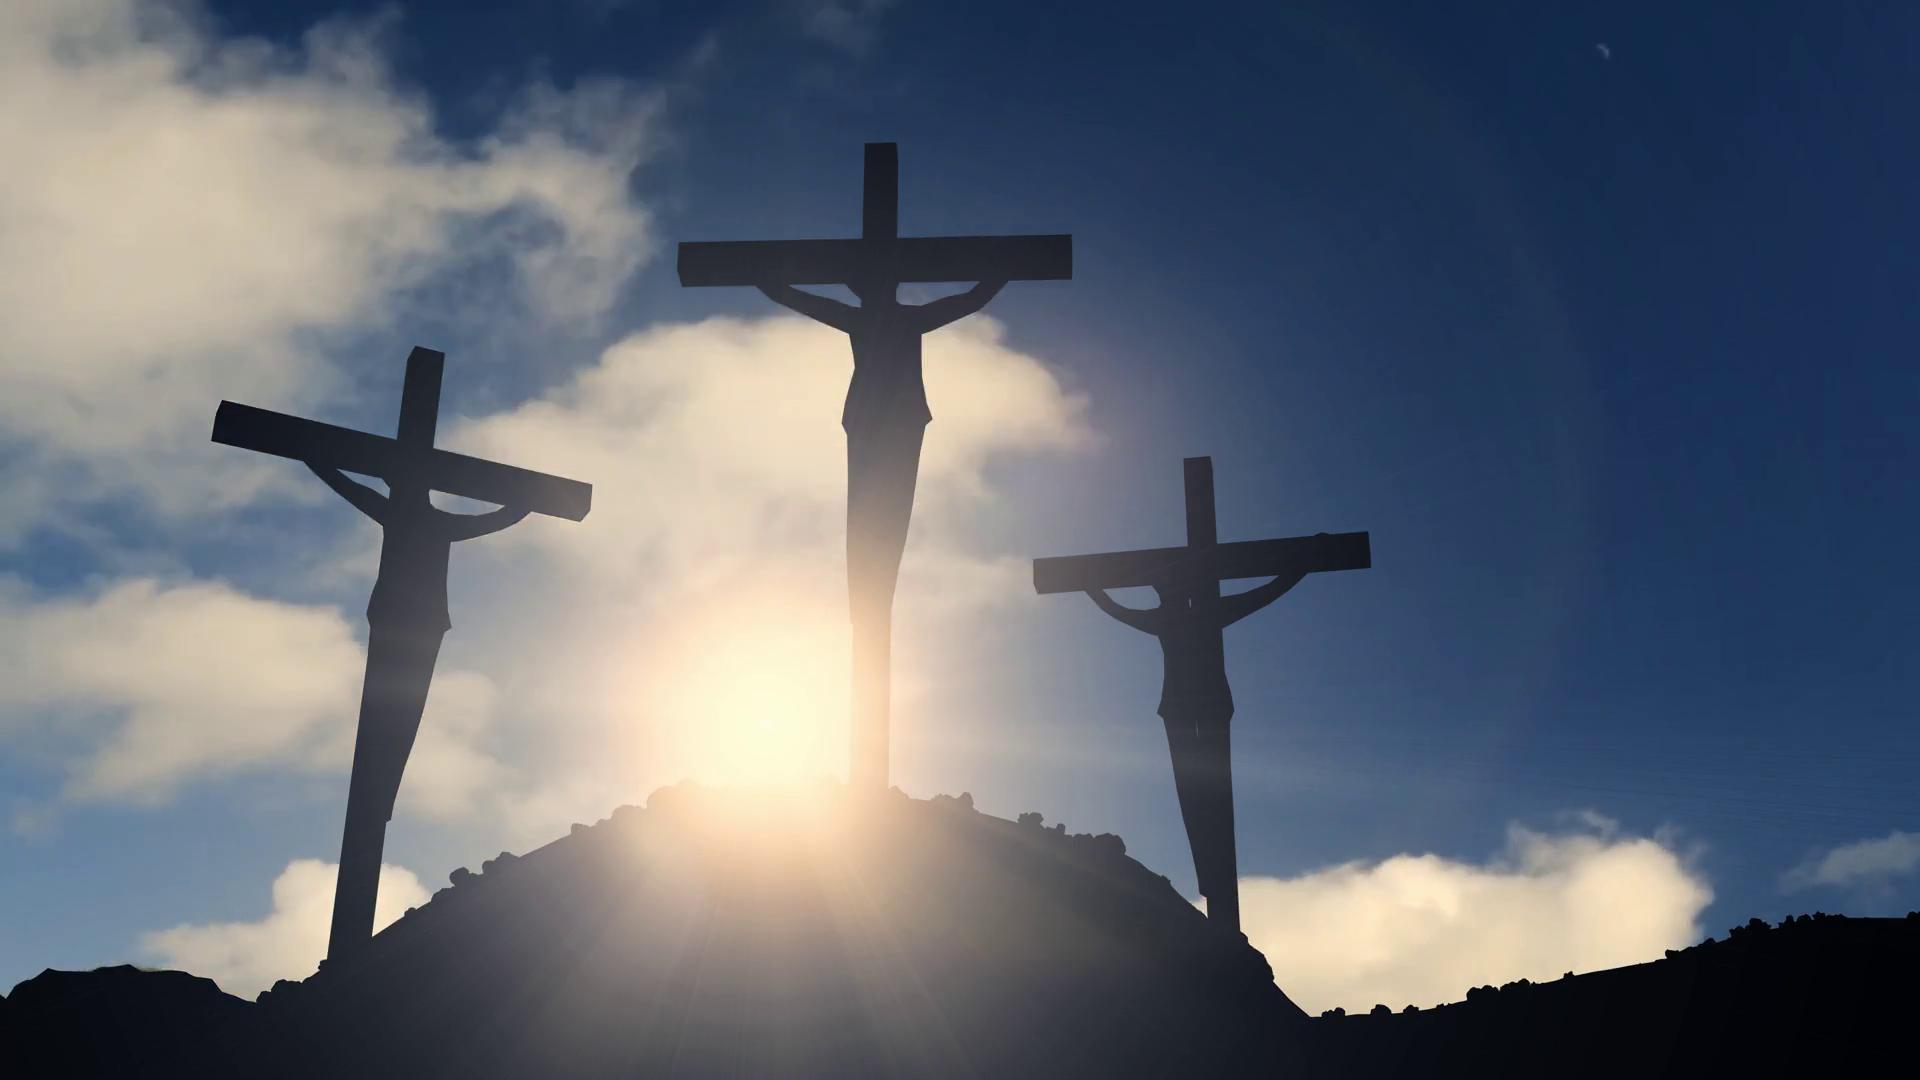 Religious cross photo